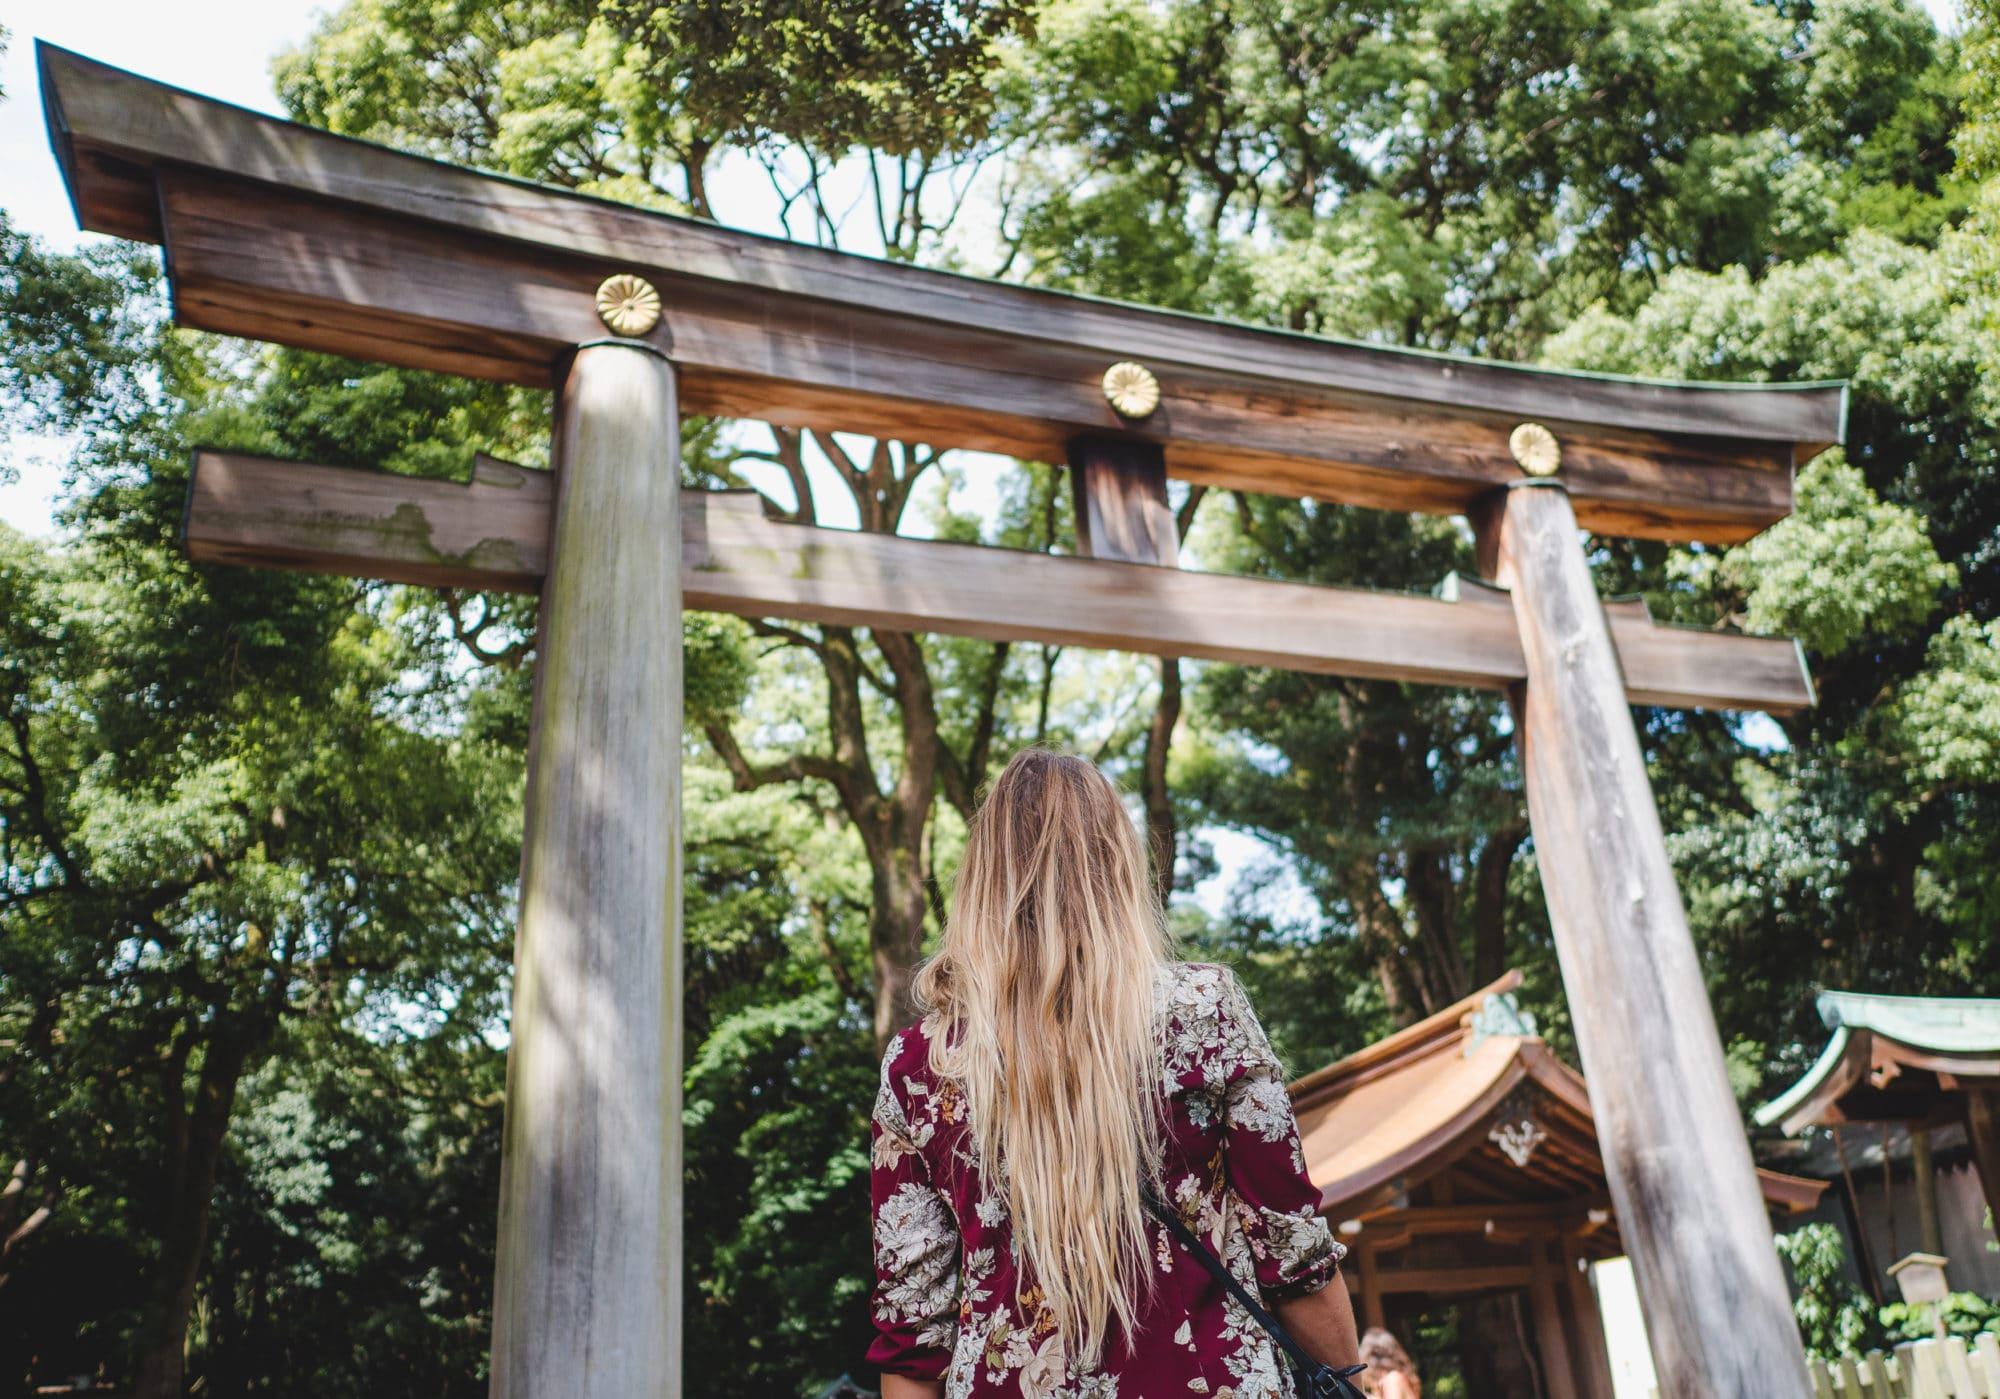 Japon, Voyage au Japon-Road trip Japon-Itinéraire Japon-10 jours au Japon